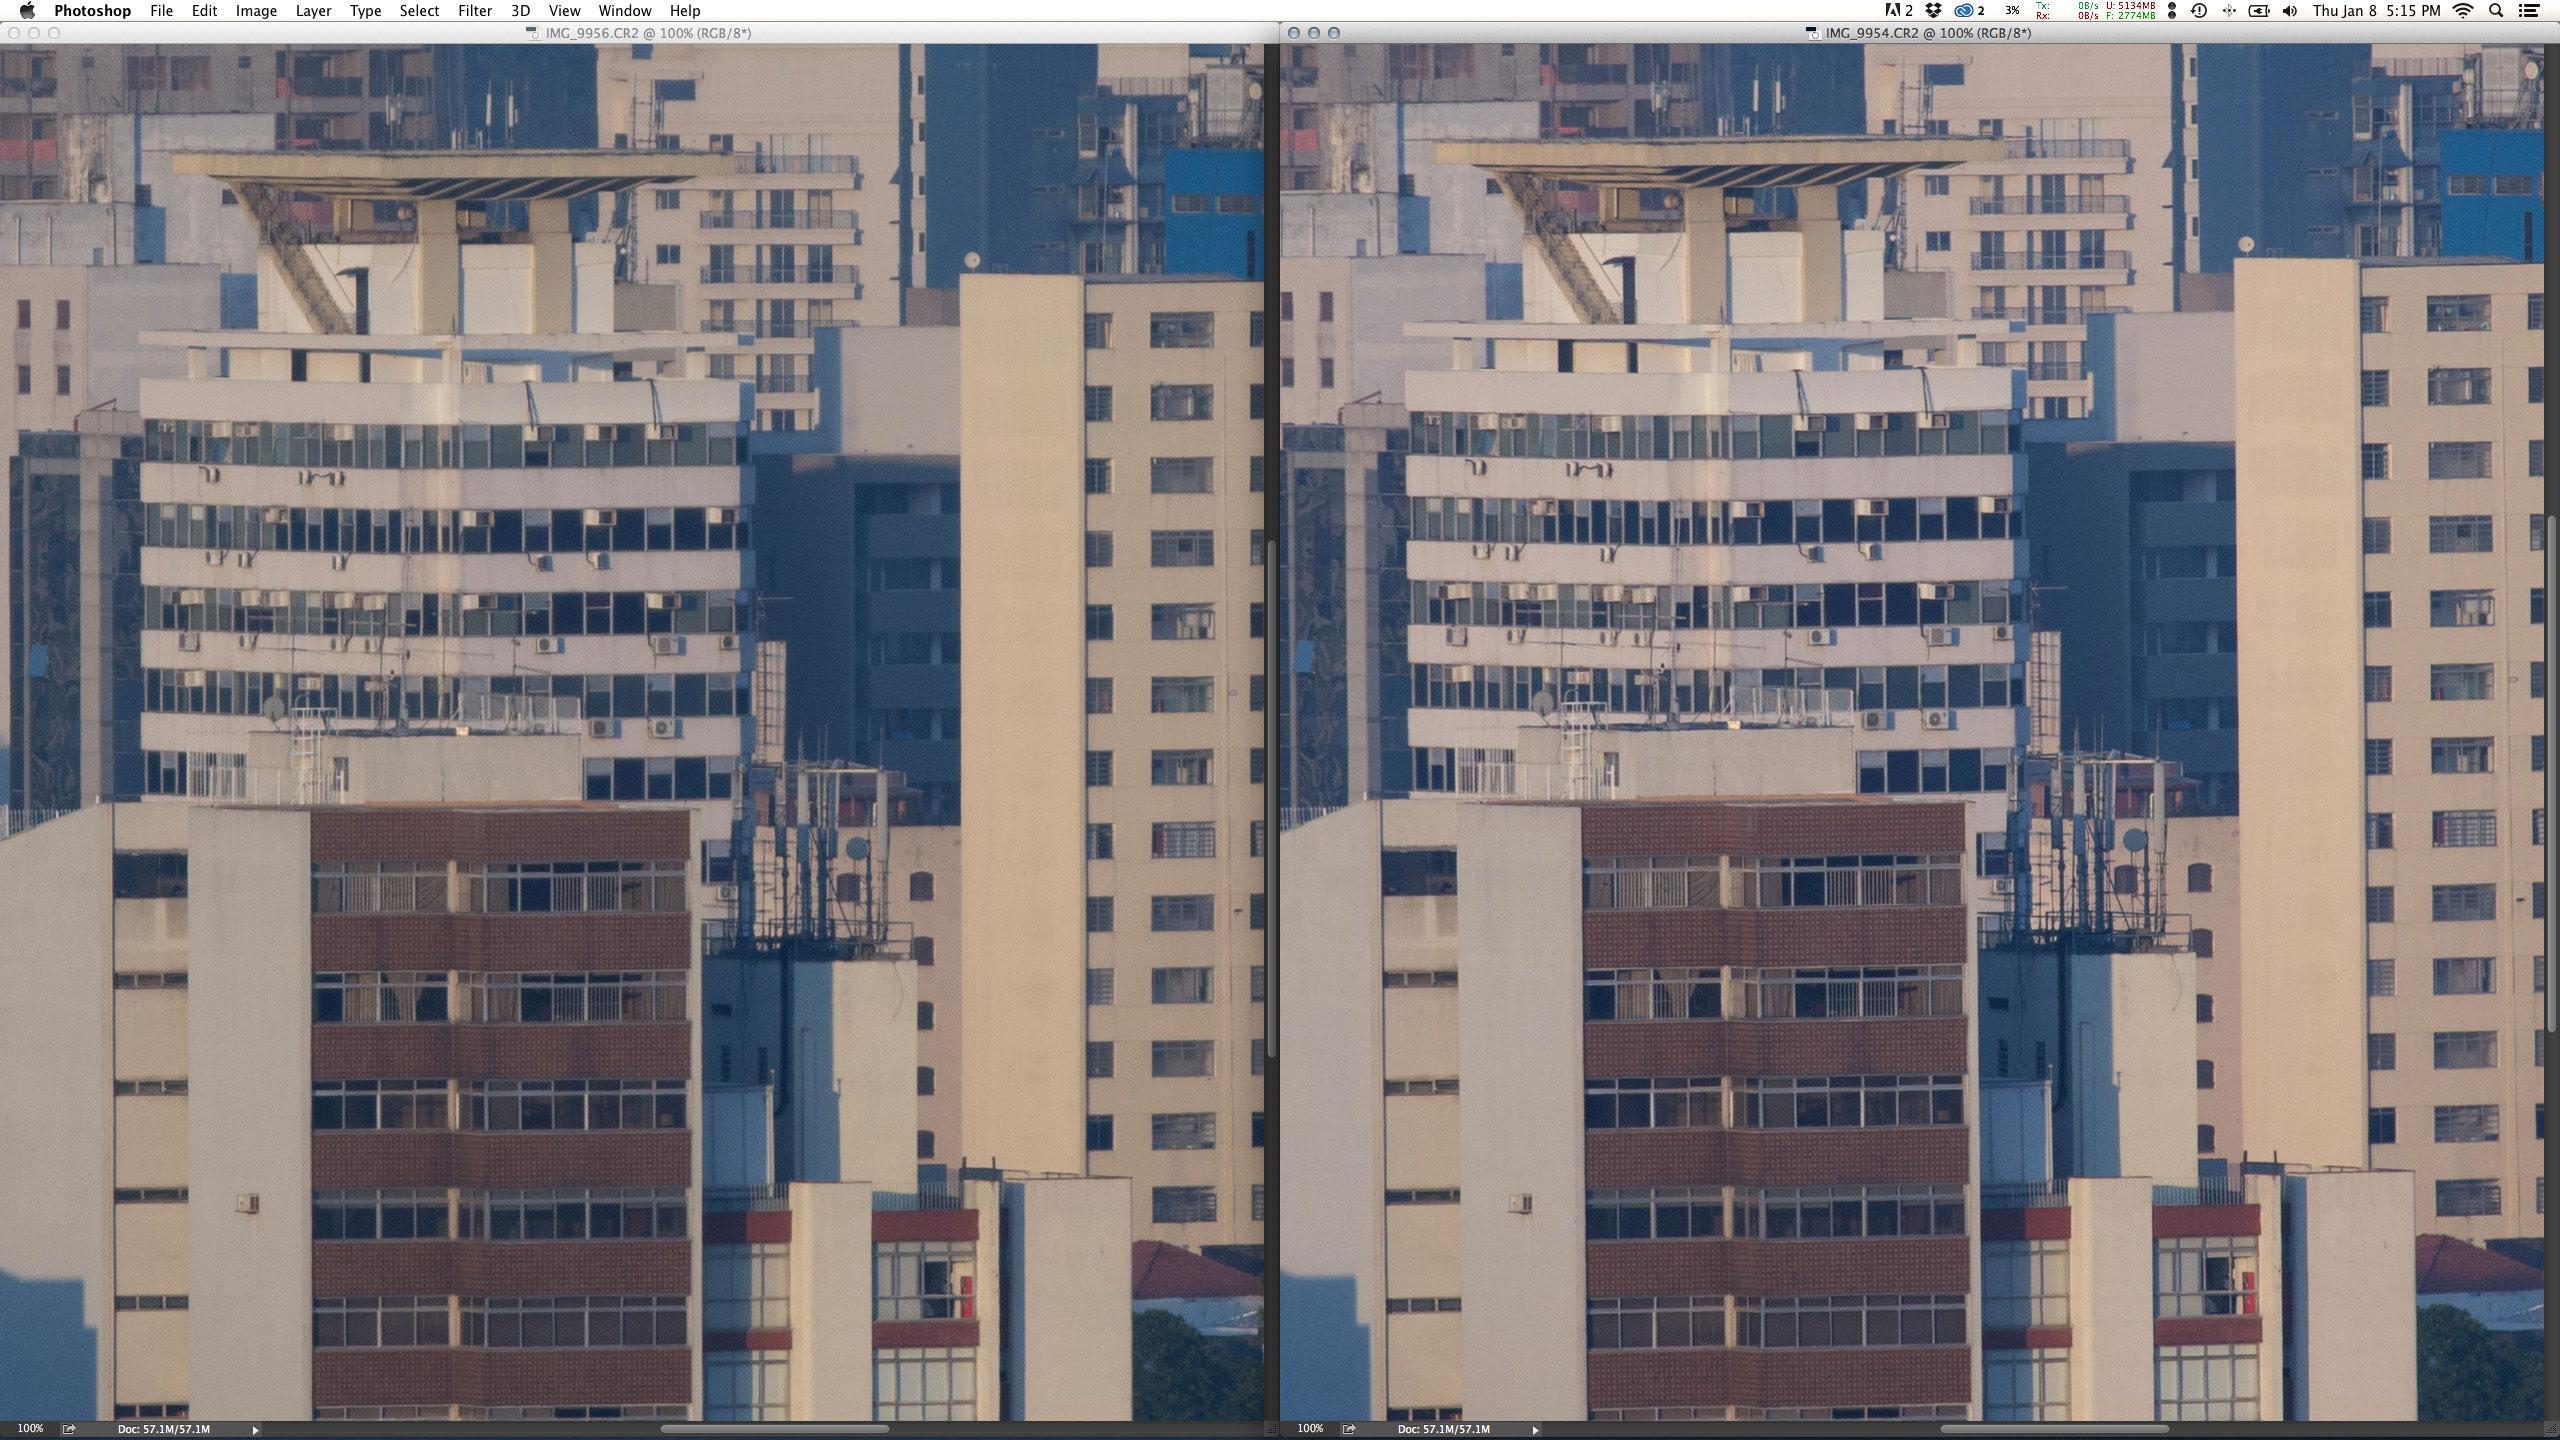 Esquerda: EF 70-200mm f/2.8L II IS USM + Extender 2X III em f/5.6 1/1000 ISO400 @ 400mm. Direita: EF 100-400mm f/4.5-5.6L IS USM em f/5.6 1/750 ISO400 @ 400mm. Por incrível que pareça a diferença entre as duas zoom é bem menor que a prime top convertida e a zoom nativa na abertura máxima. Não dá para falar que a 70-200mm + 2X III seja ruim.